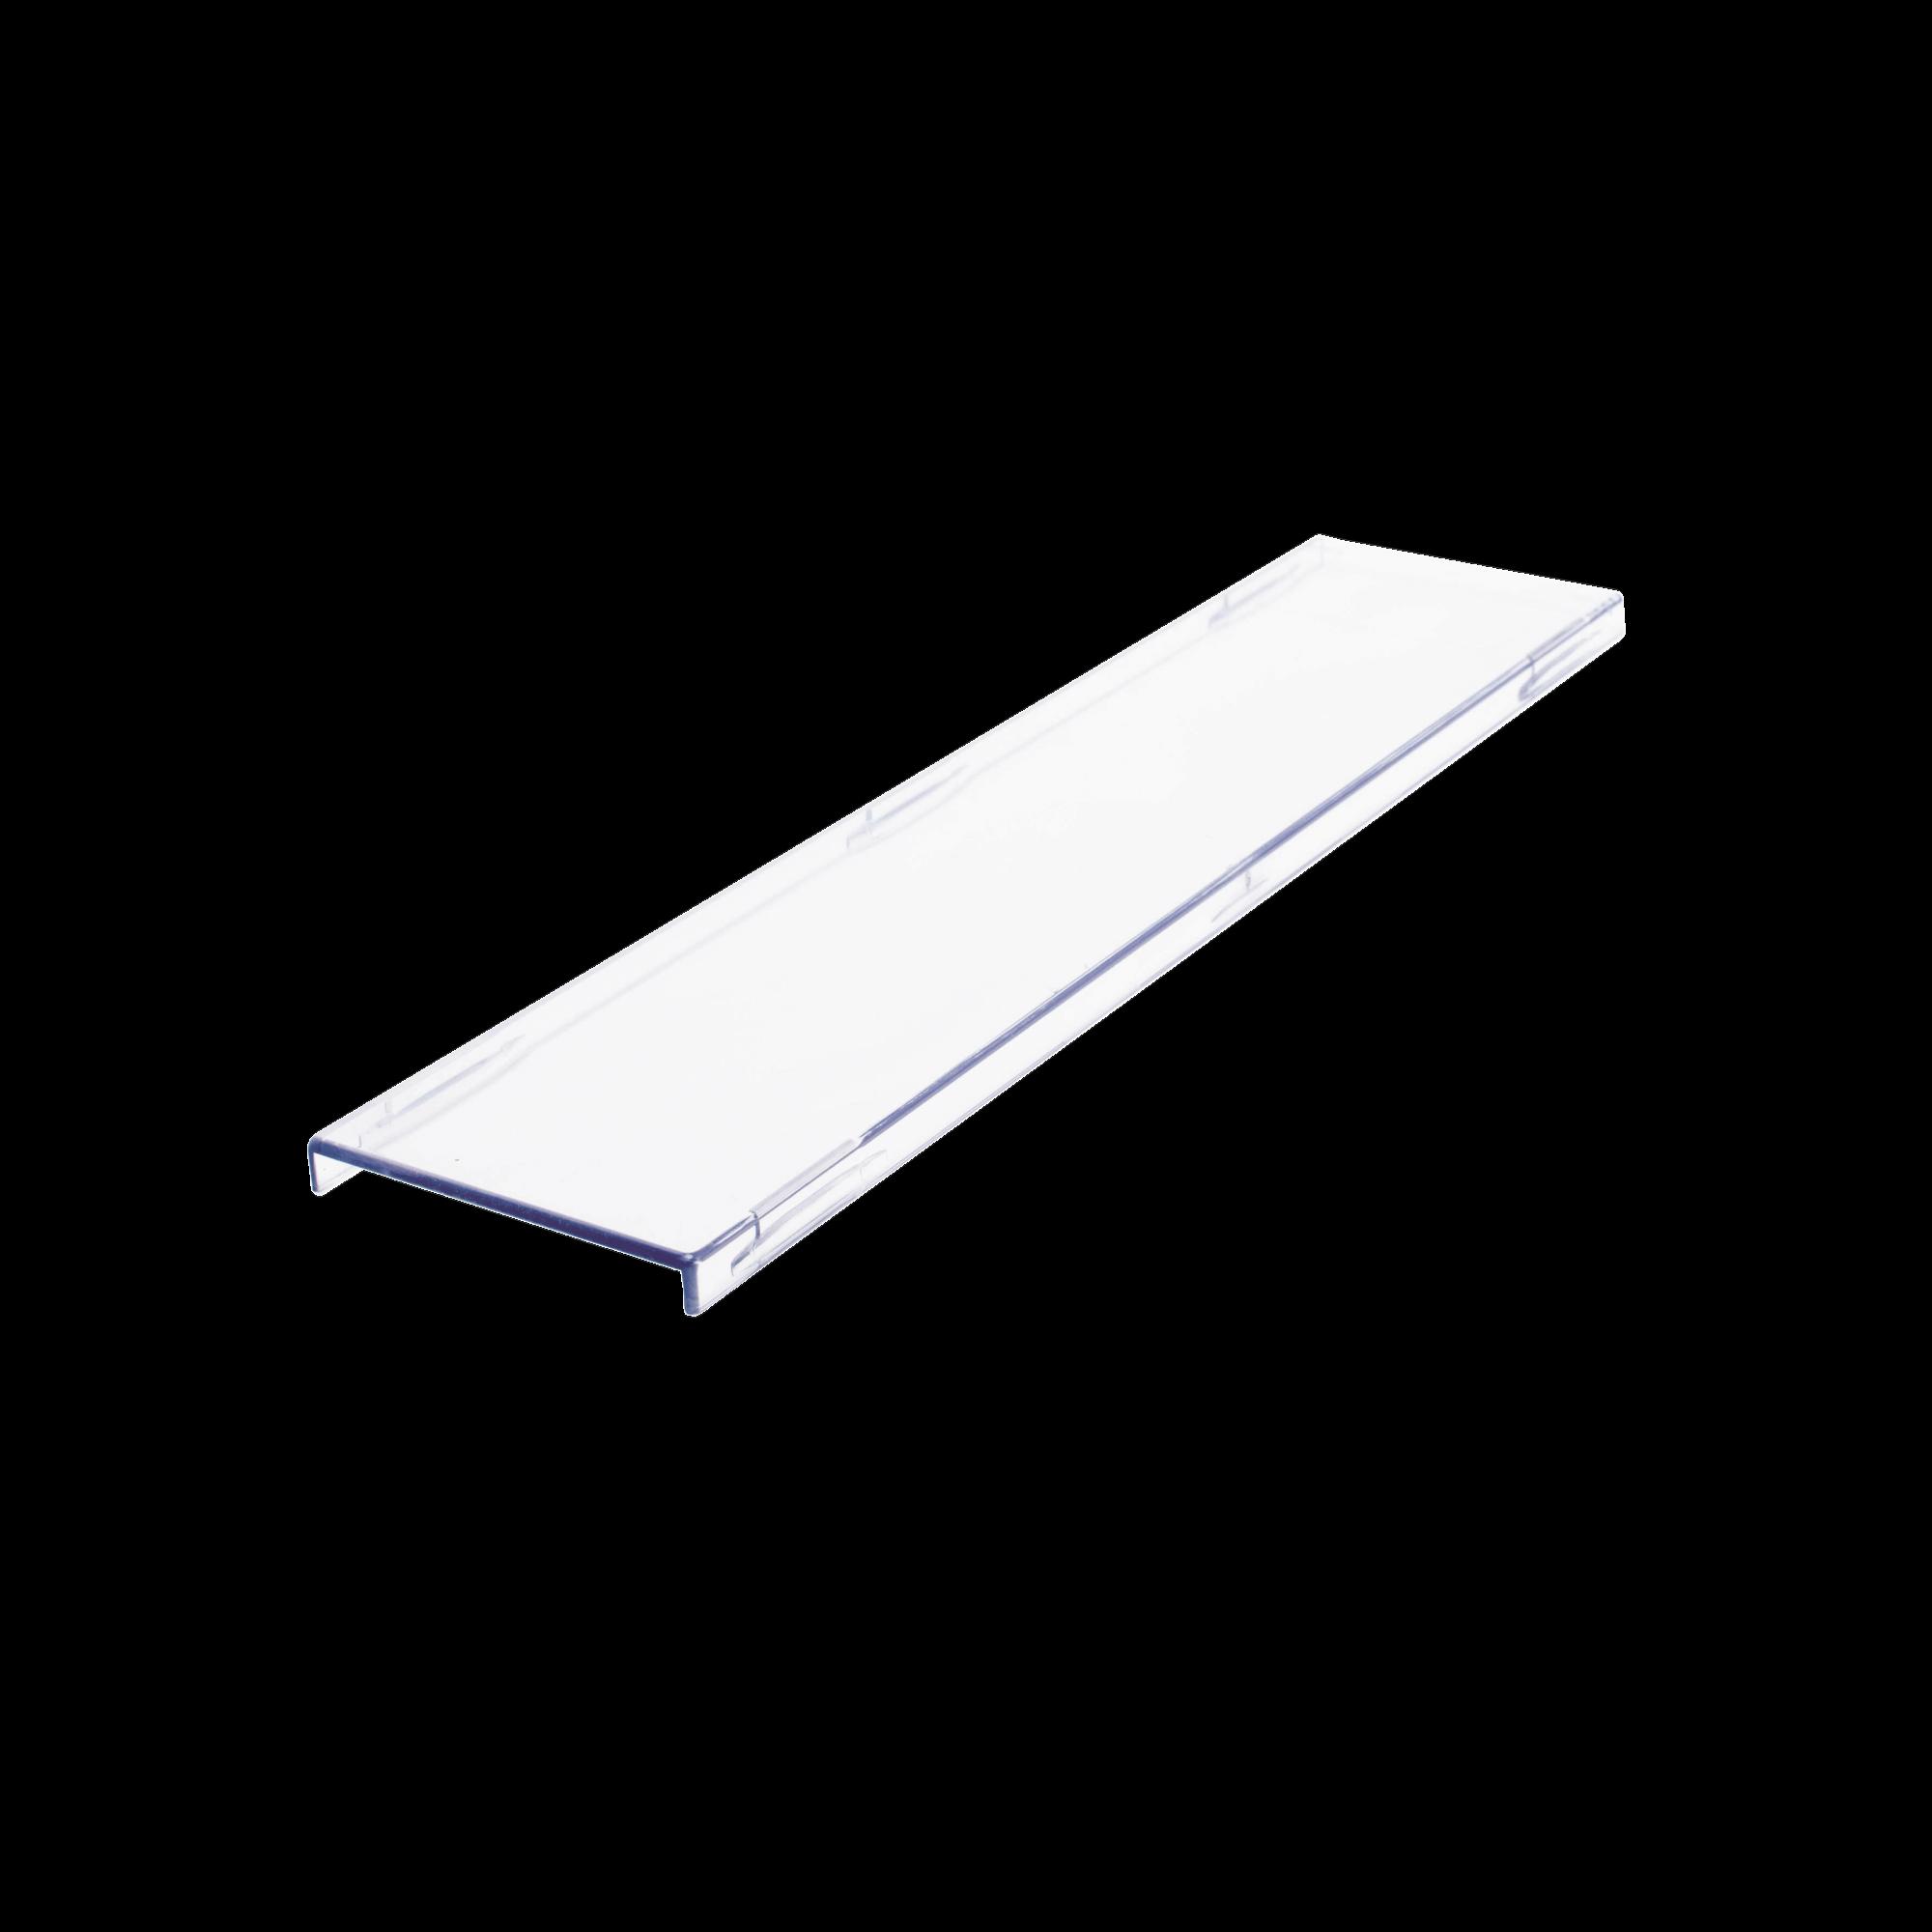 Tapa color blanco Para uso con Regleta S66 de Siemon